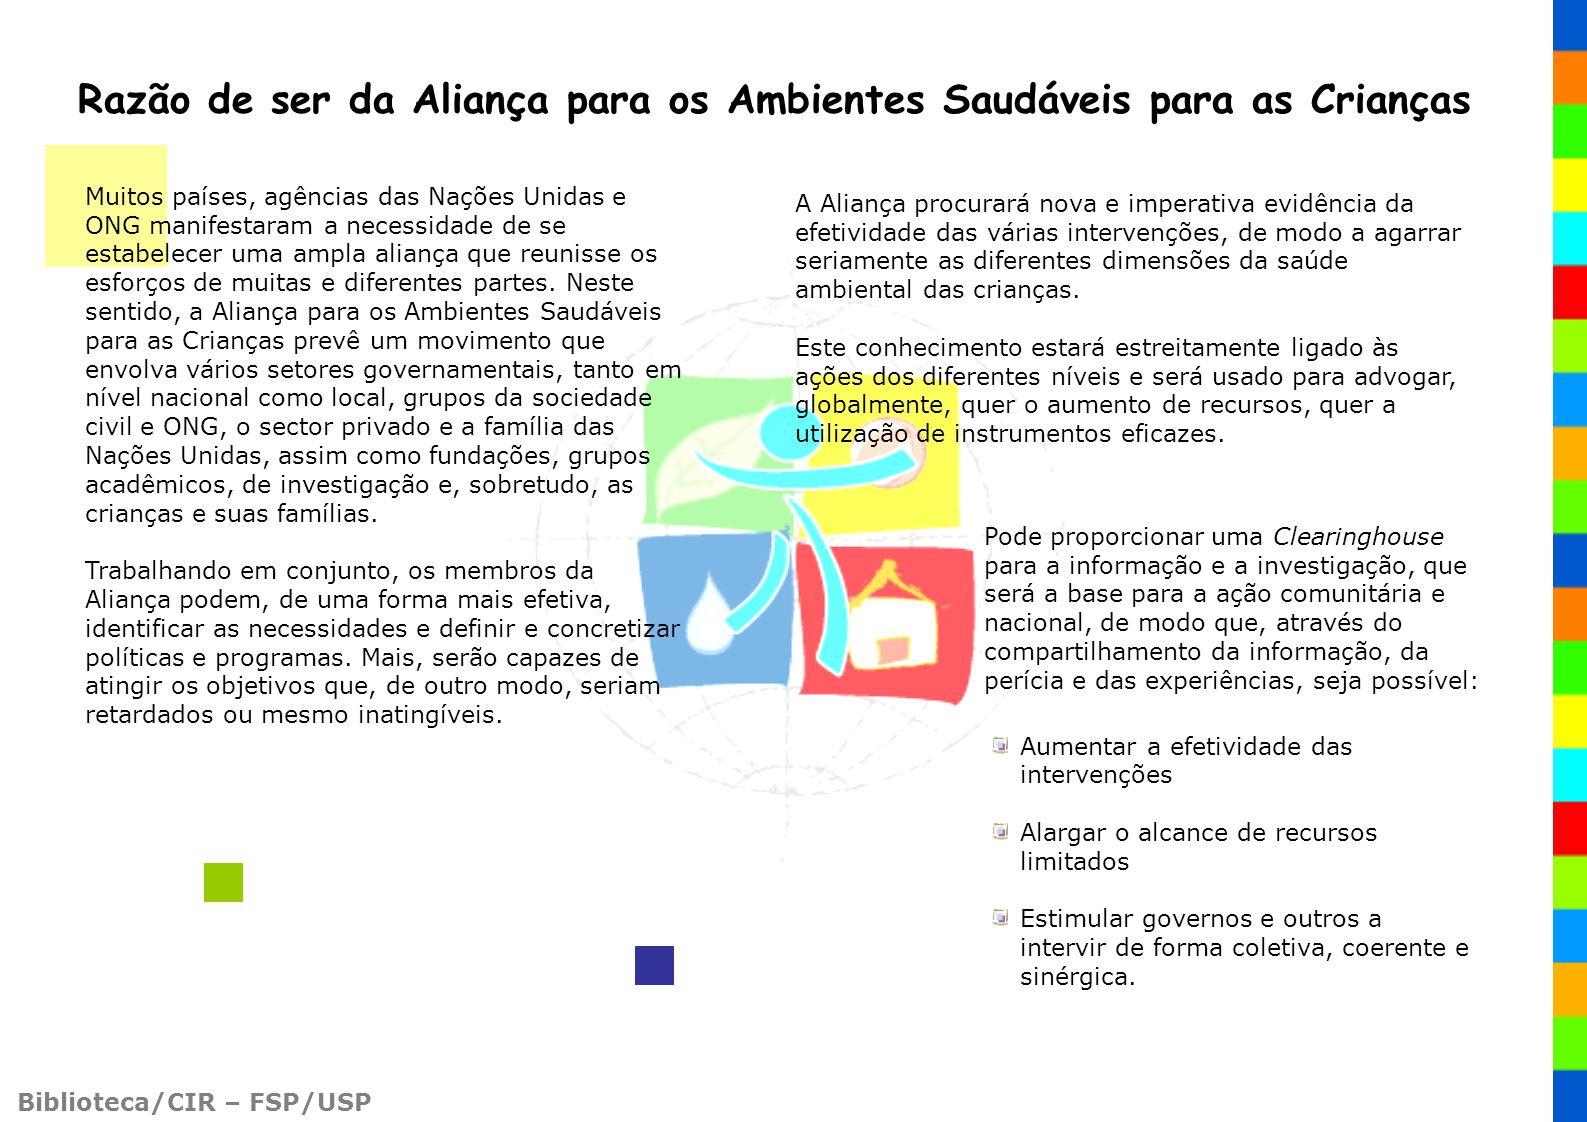 Razão de ser da Aliança para os Ambientes Saudáveis para as Crianças